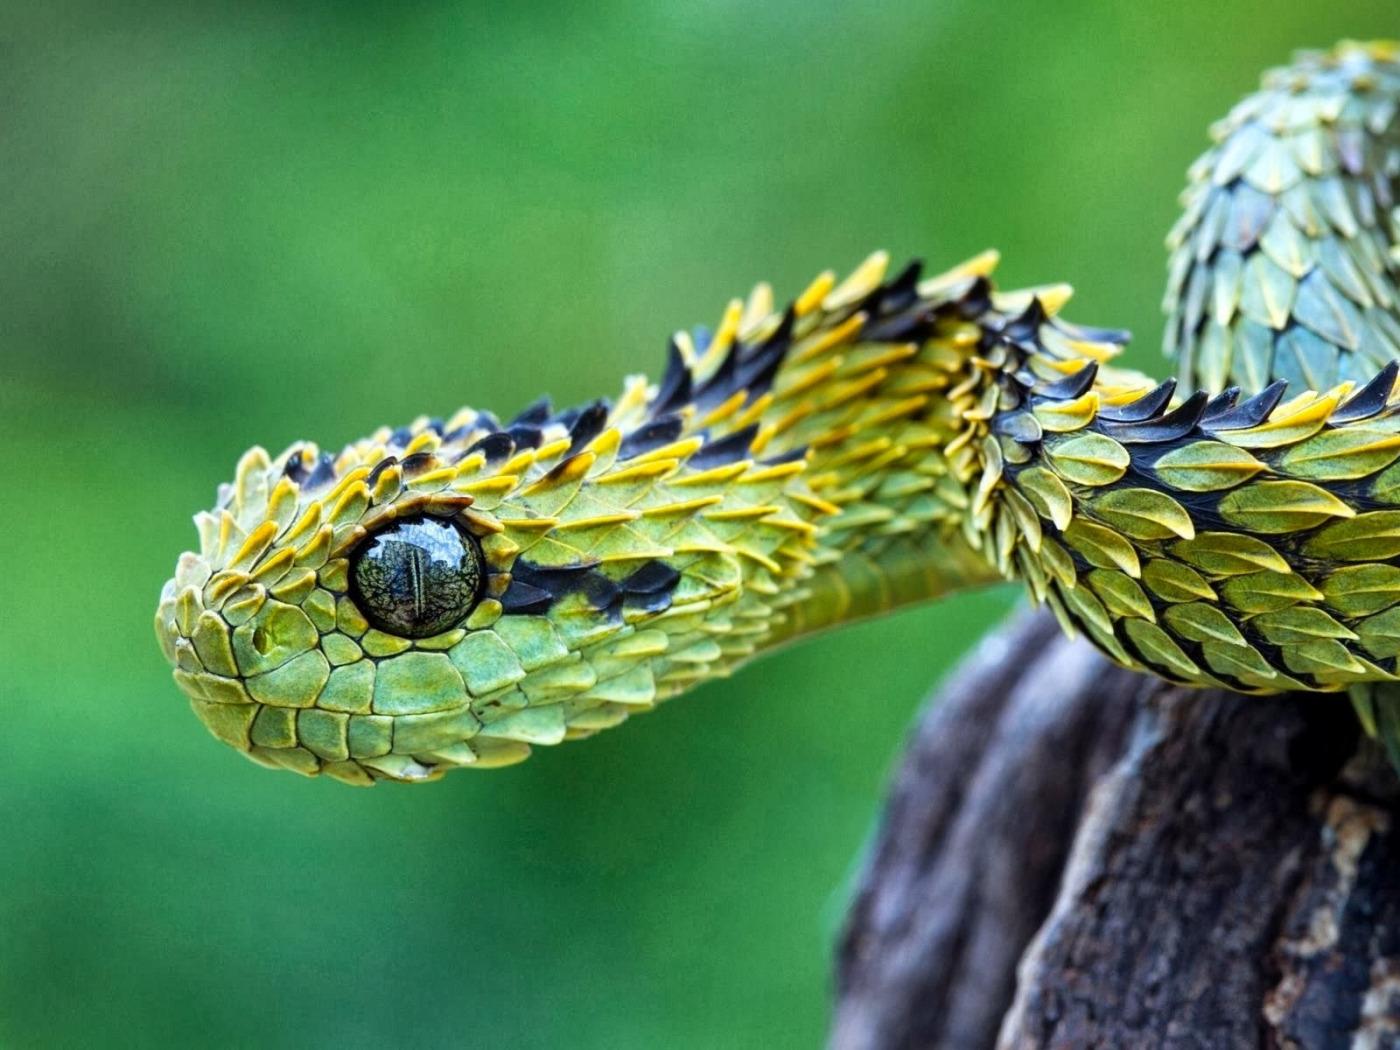 все животные мира фото змея перезвонит менеджер компании